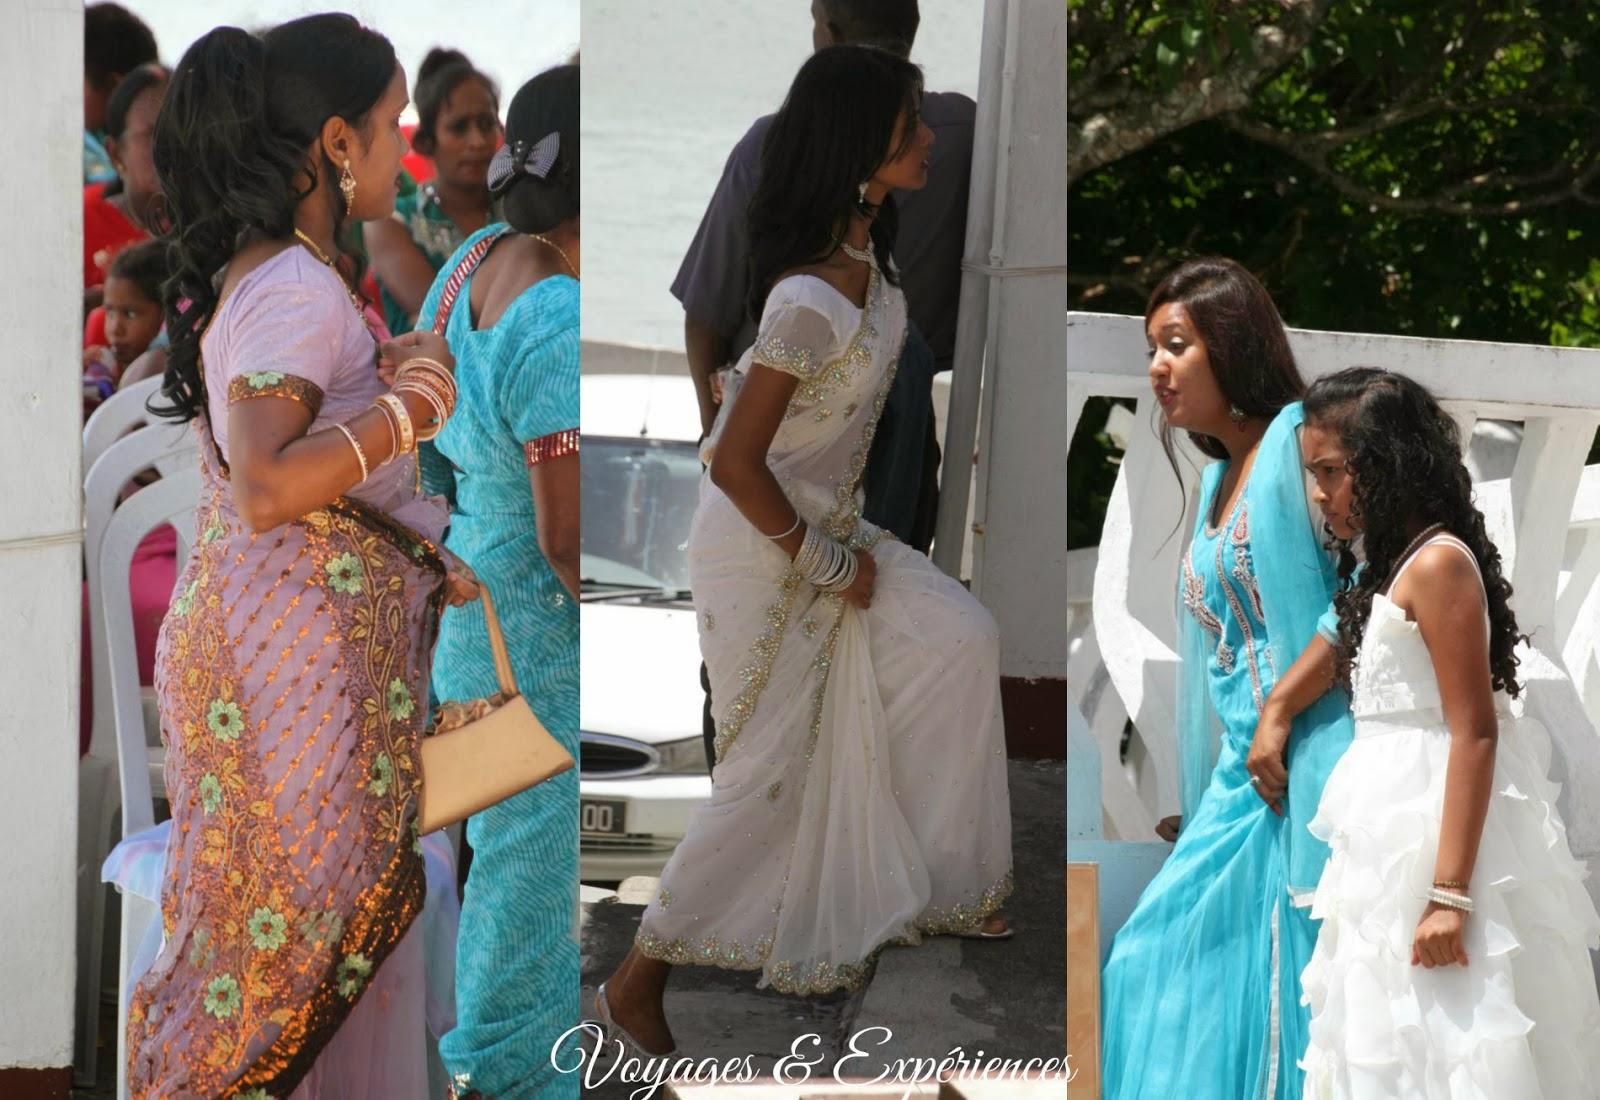 Voyages et exp riences maurice mariage indien traditions couleurs et beaut - Decoration mariage hindou ...